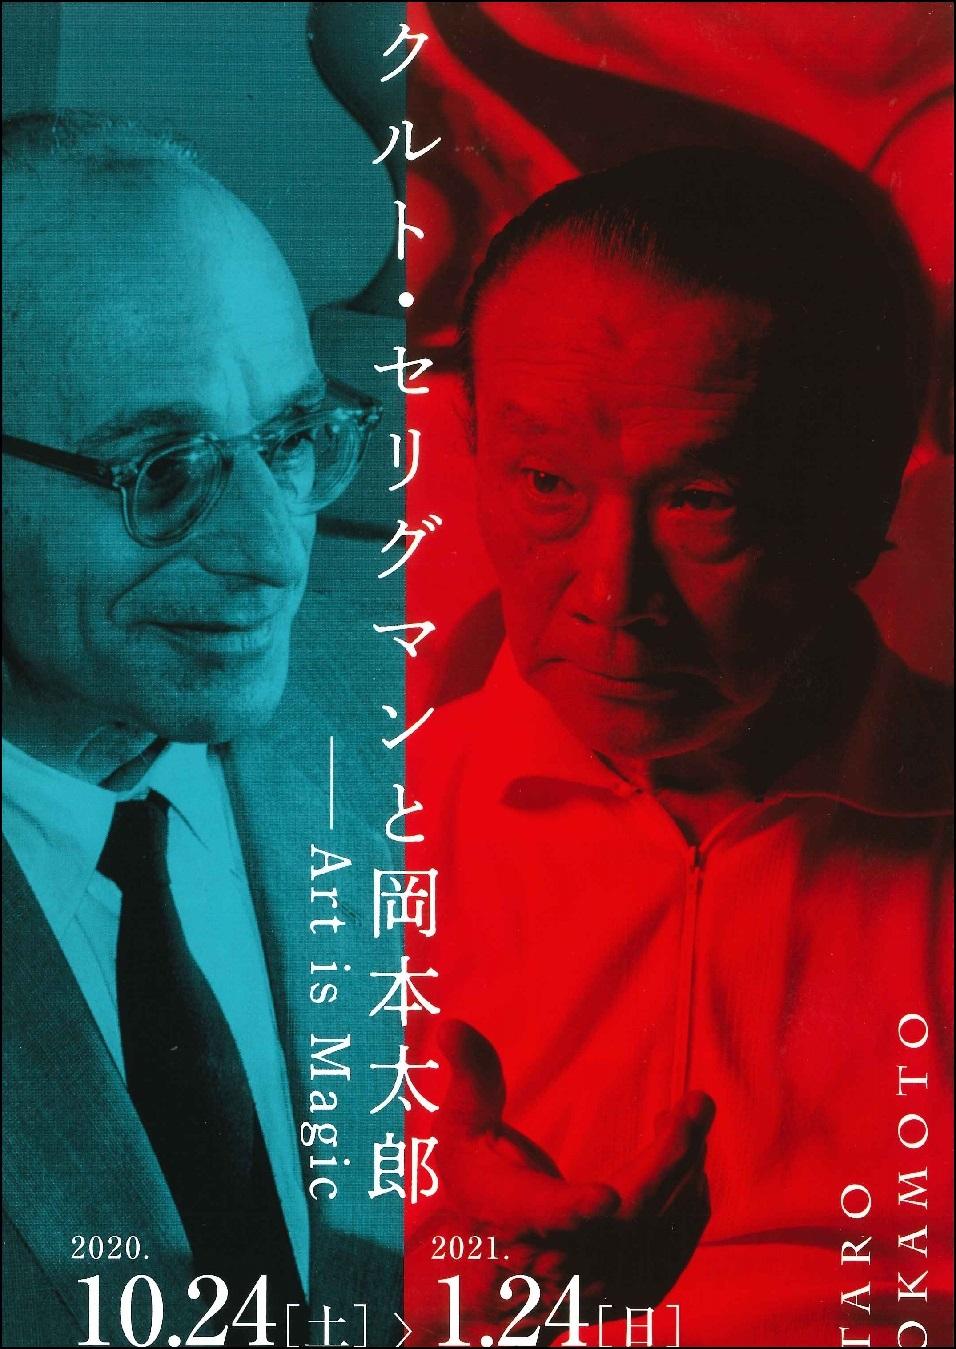 クルト・セリグマンと岡本太郎ーArt is Magic<br>川崎市岡本太郎美術館